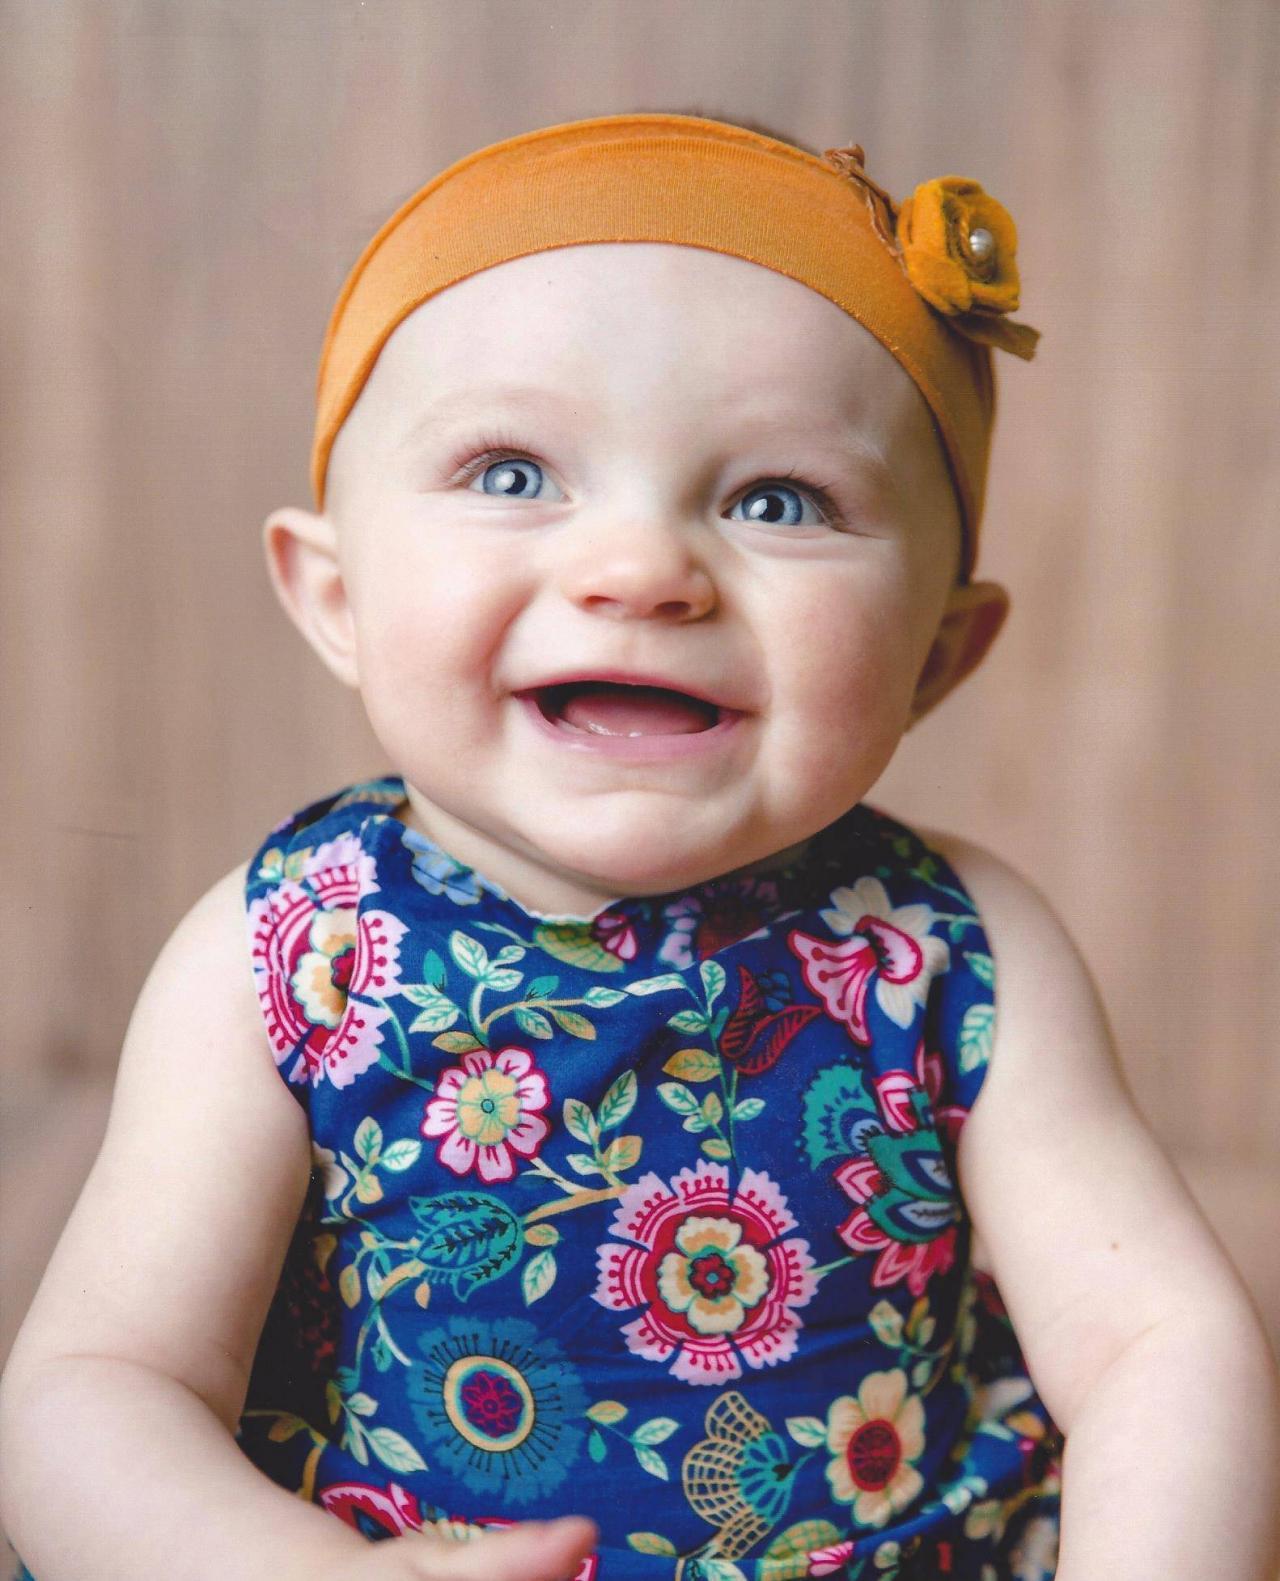 صورة صور اطفال اطفال , اجمل واجدد صور الاطفال 👇 8626 2